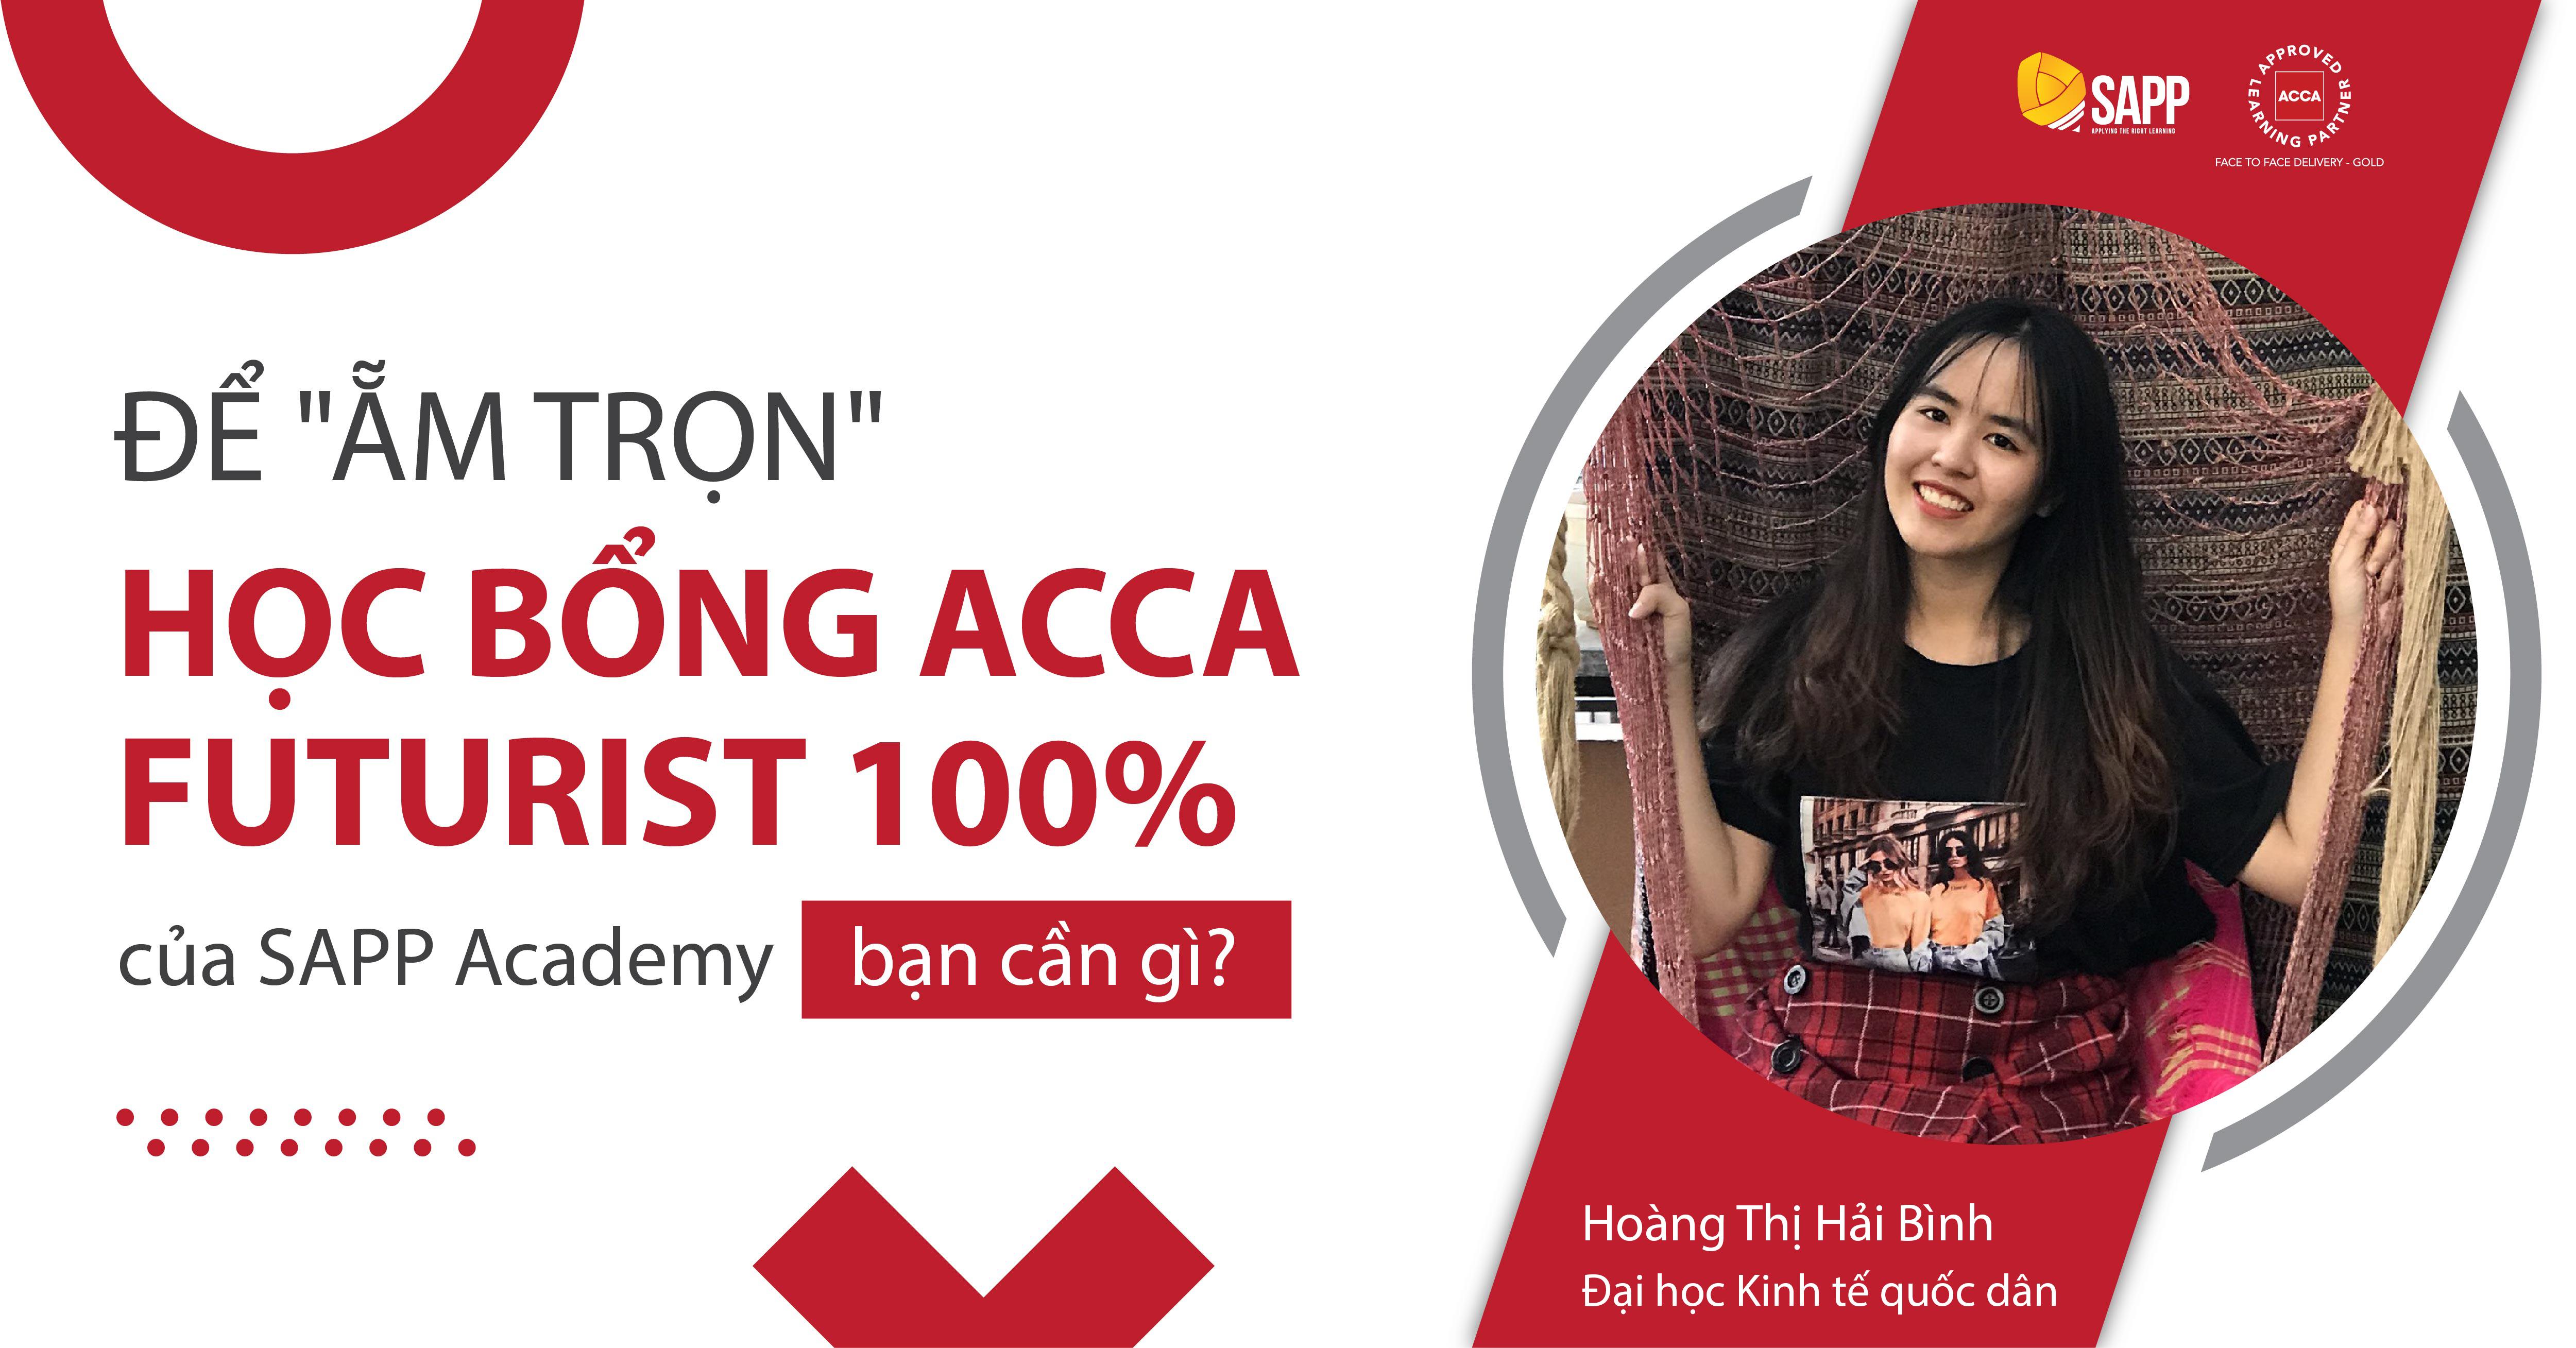 """Để """"ẵm trọn"""" học bổng ACCA Futurist 100% của SAPP Academy, bạn cần gì?"""